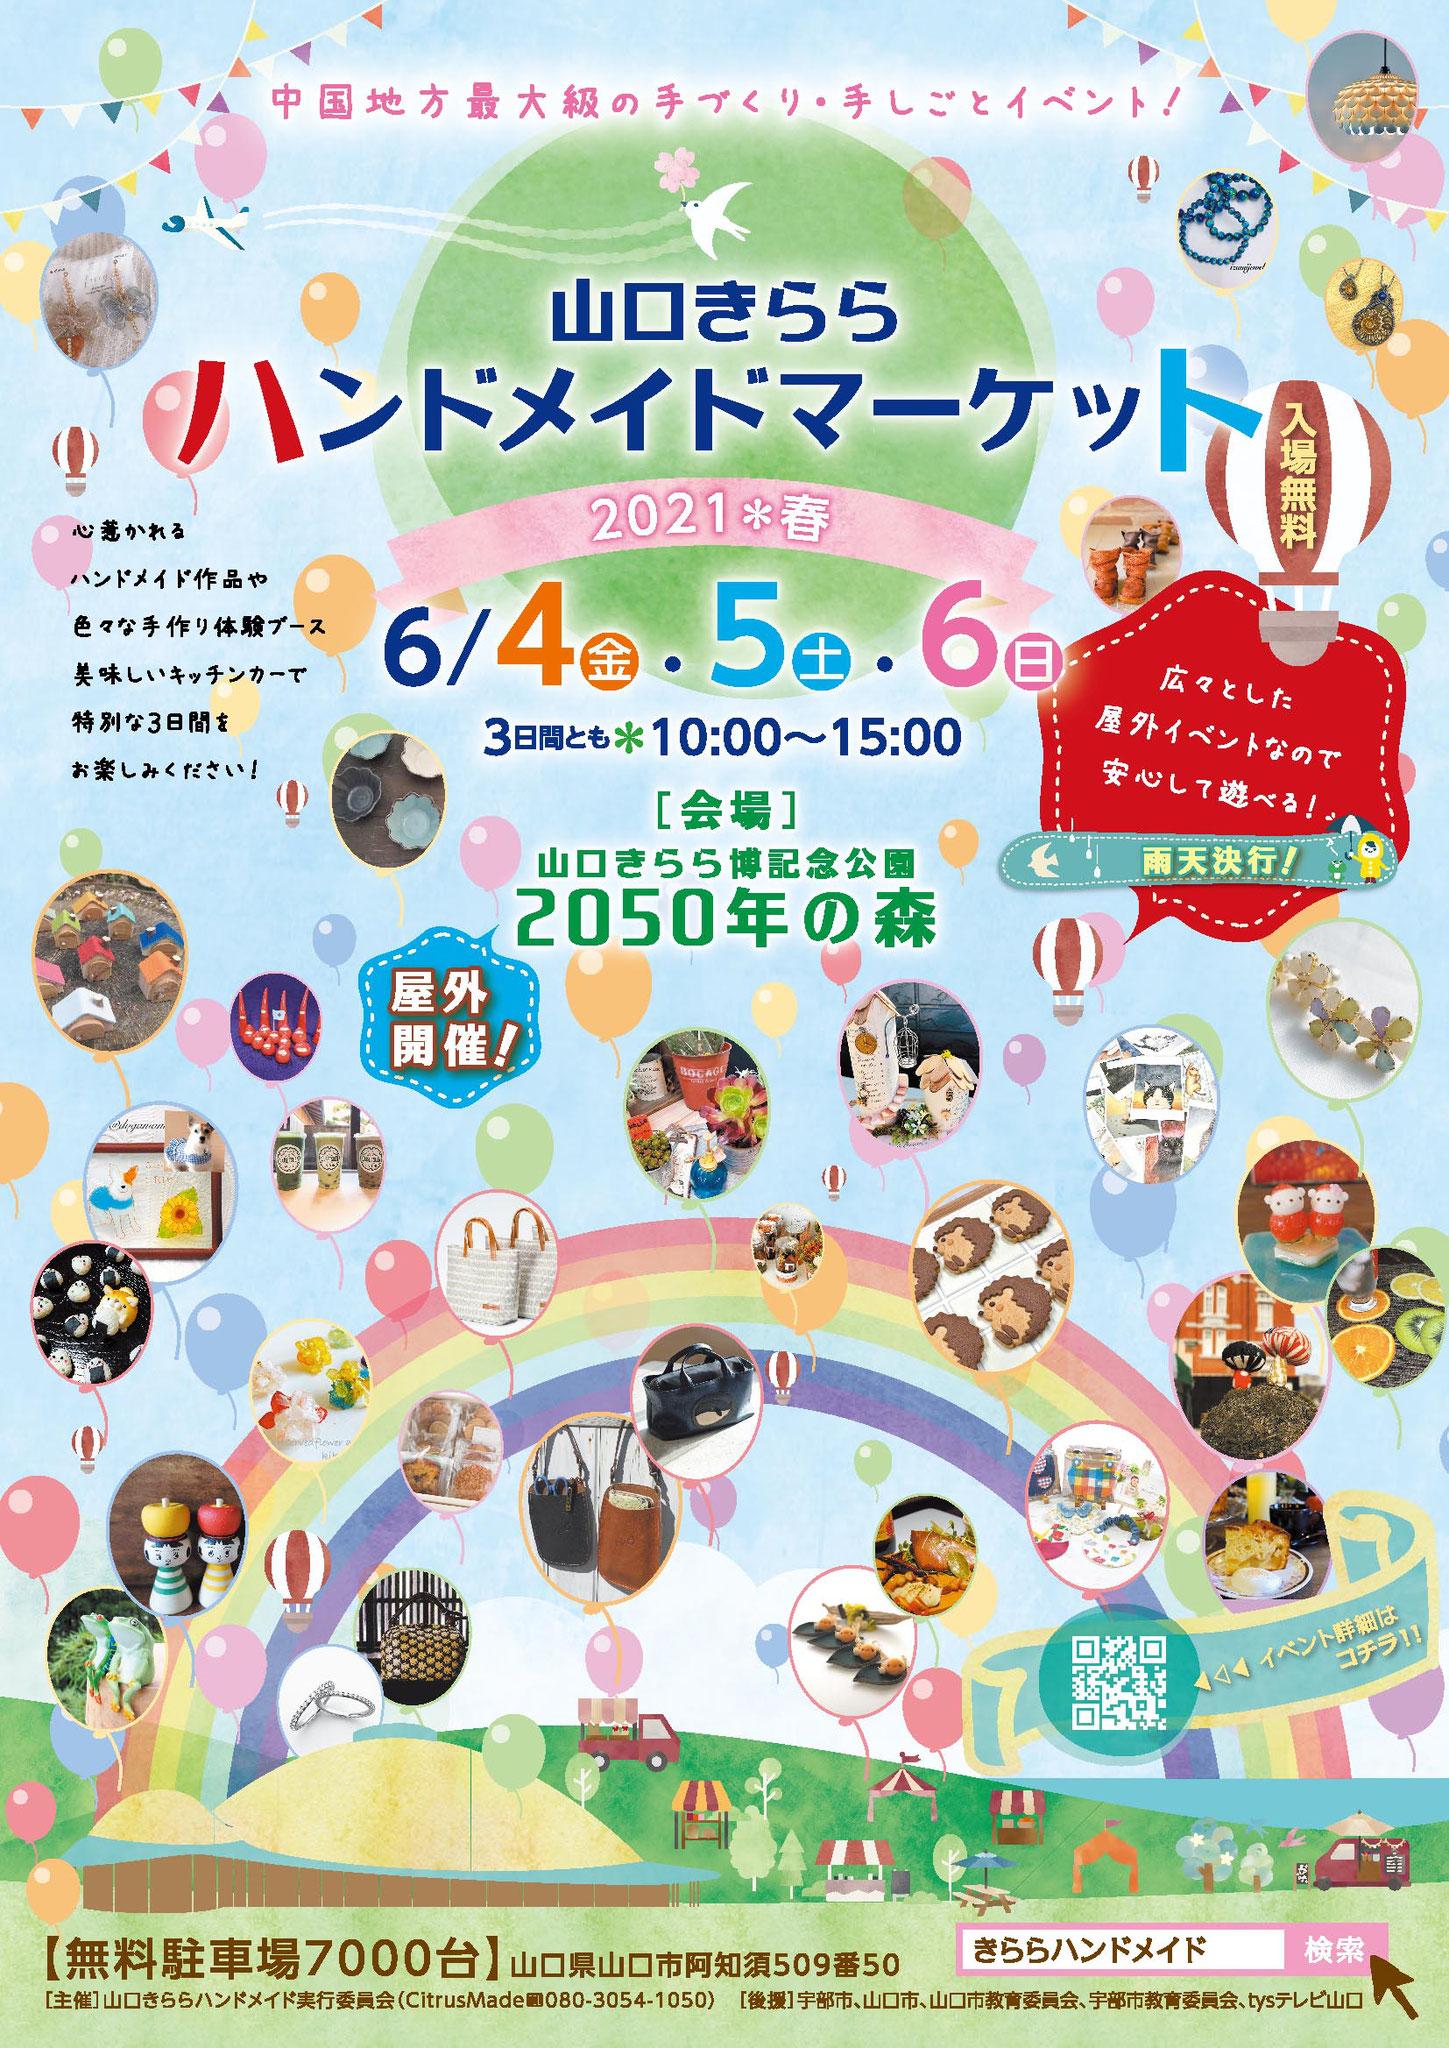 山口きららハンドメイドマーケット2021春 6/4-6開催